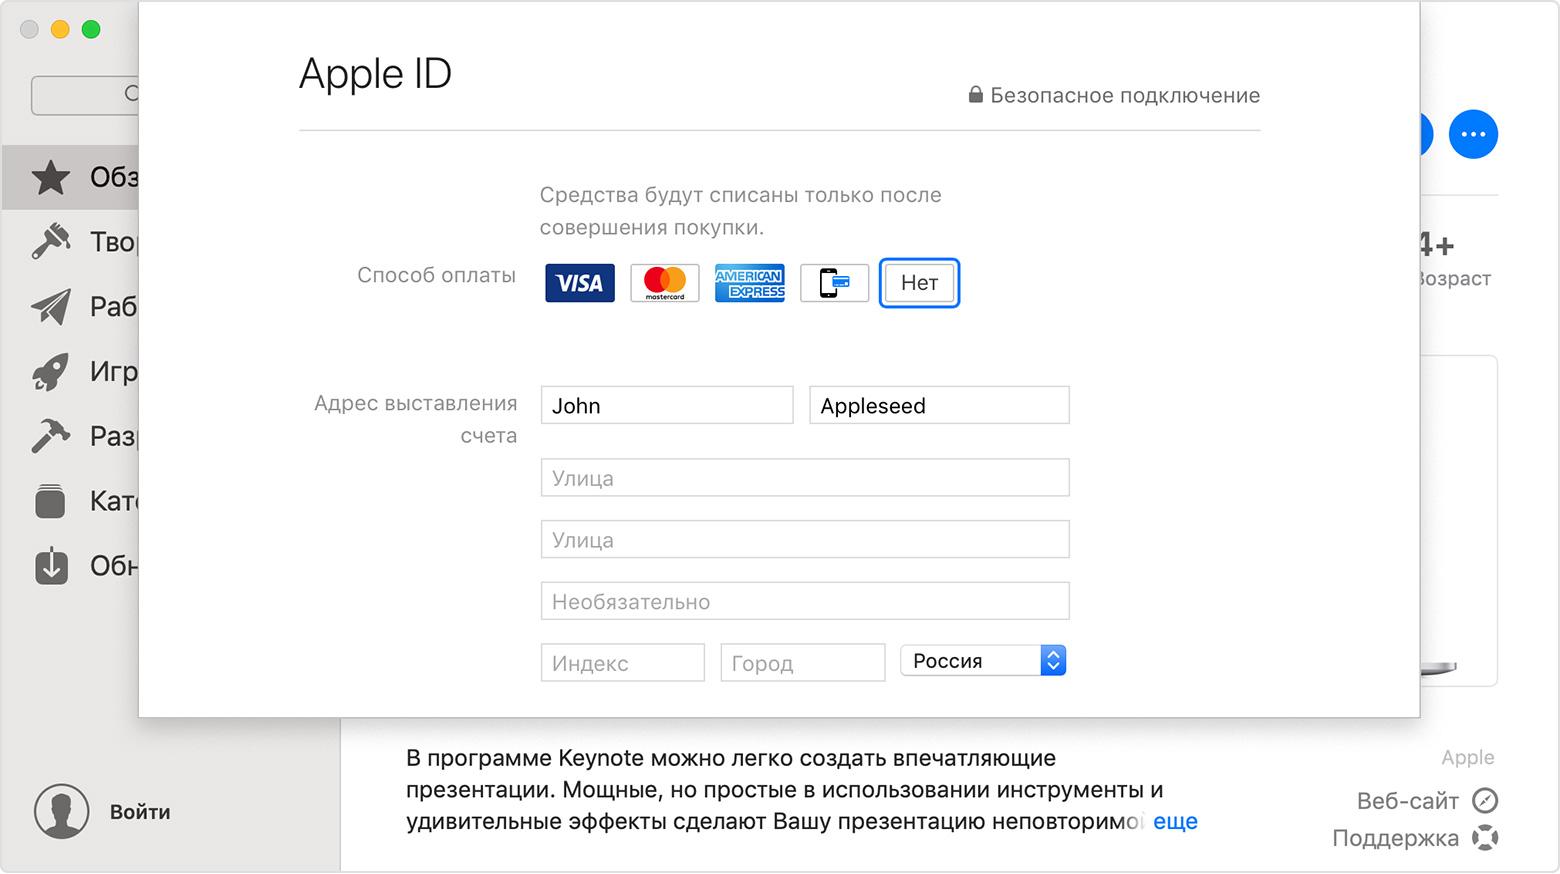 Окно AppStore на компьютере Mac: на заднем плане страница сведений о программе Keynote, на переднем— всплывающее окно «Создать AppleID», в котором выбран способ оплаты «Нет».